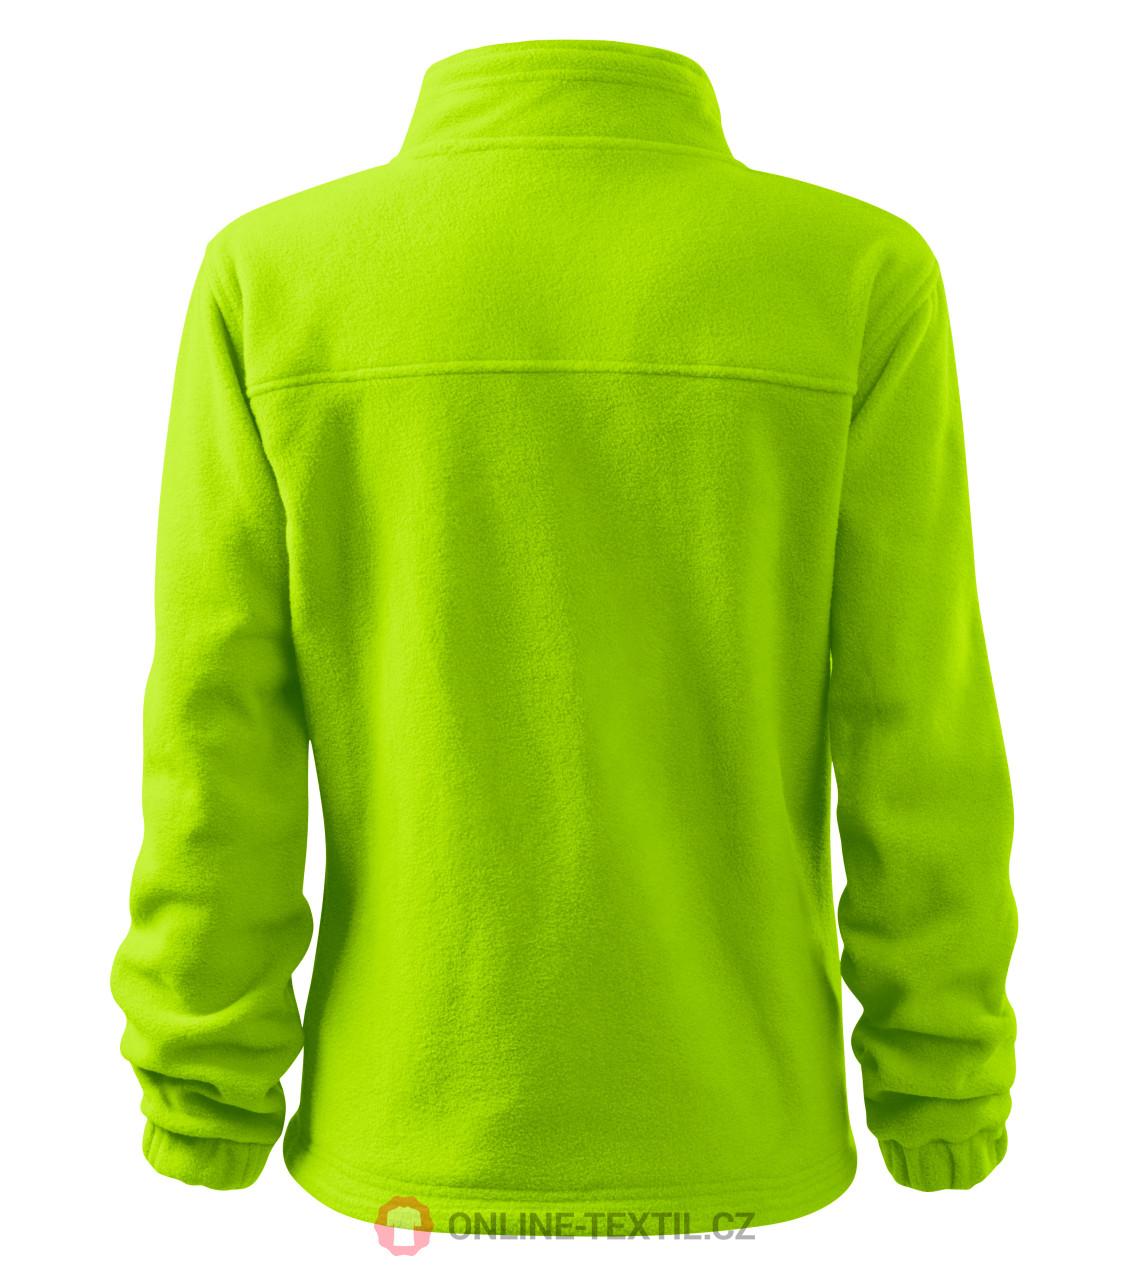 ... Ladies fleece jacket/sweatshirt Fleece Jacket ...